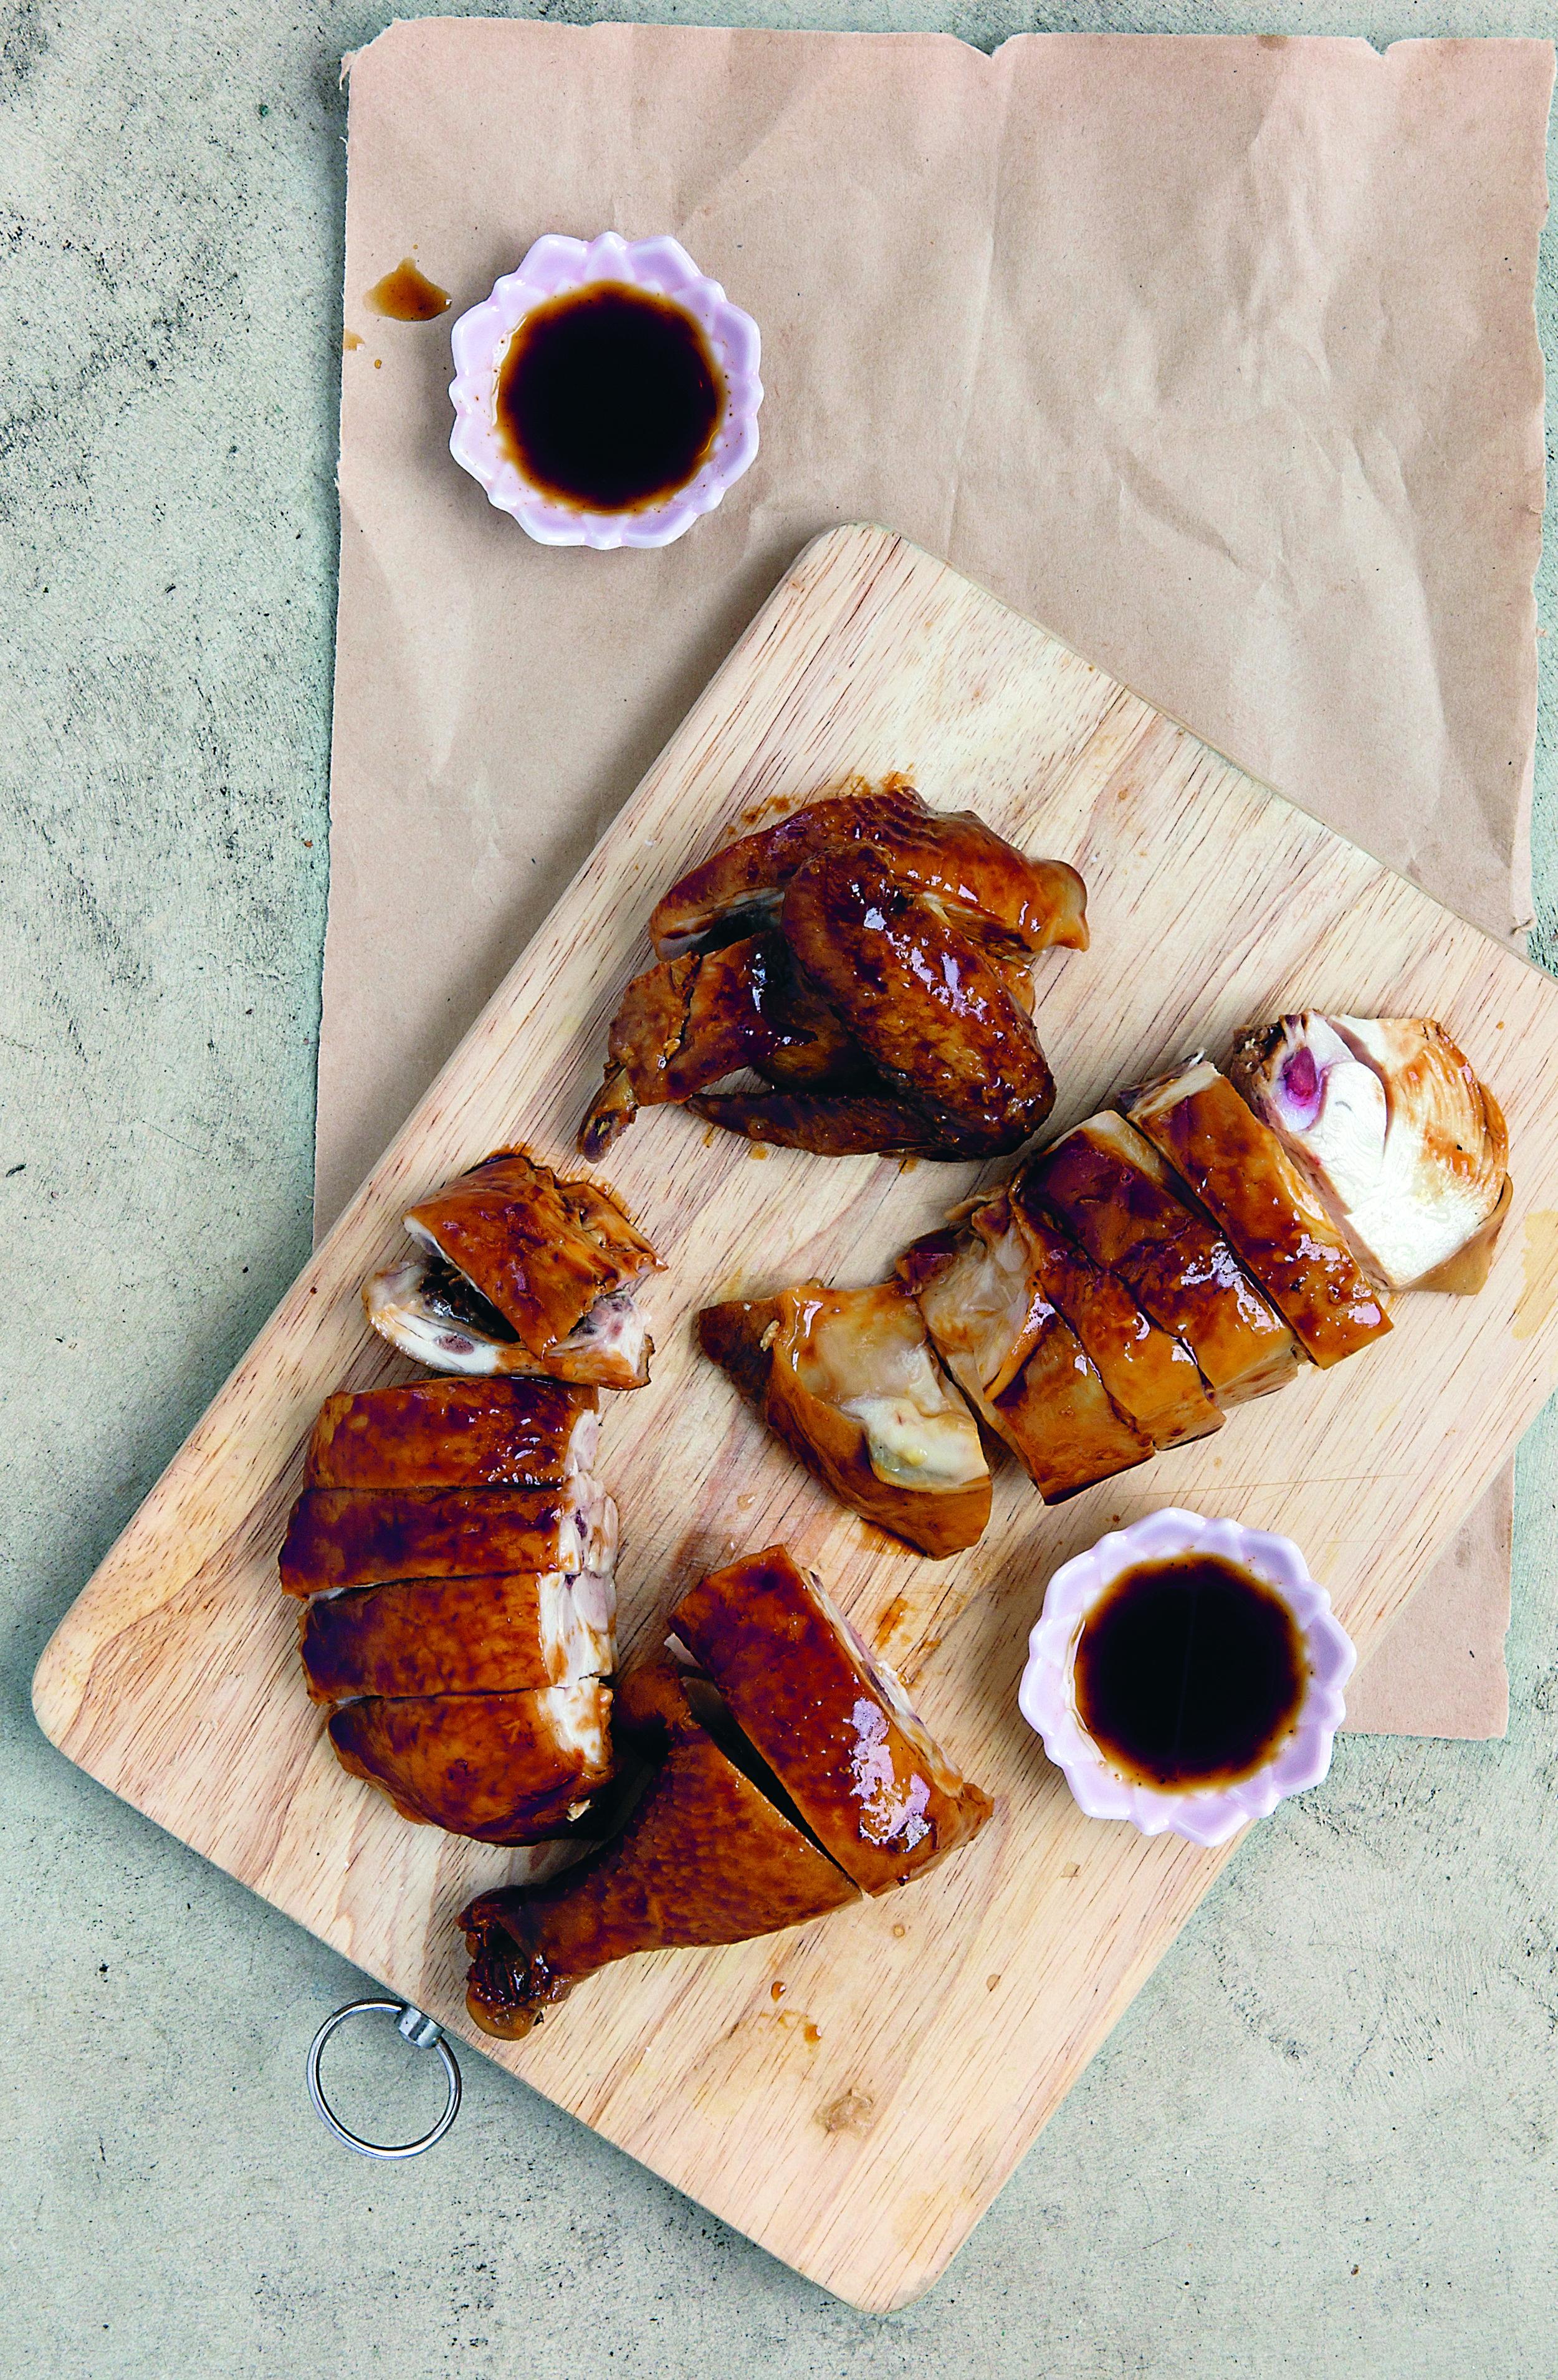 """Il padre di Diora è stato caporedattore e critico alimentare di un importante quotidiano di Hong Kong, e il suo libro in dieci volumi """"Food Classics"""", pubblicato nel 1953 e ancora oggi in stampa, è stato a lungo considerato la bibbia cinese del cibo. Nella foto il Pollo in salsa di Soya."""